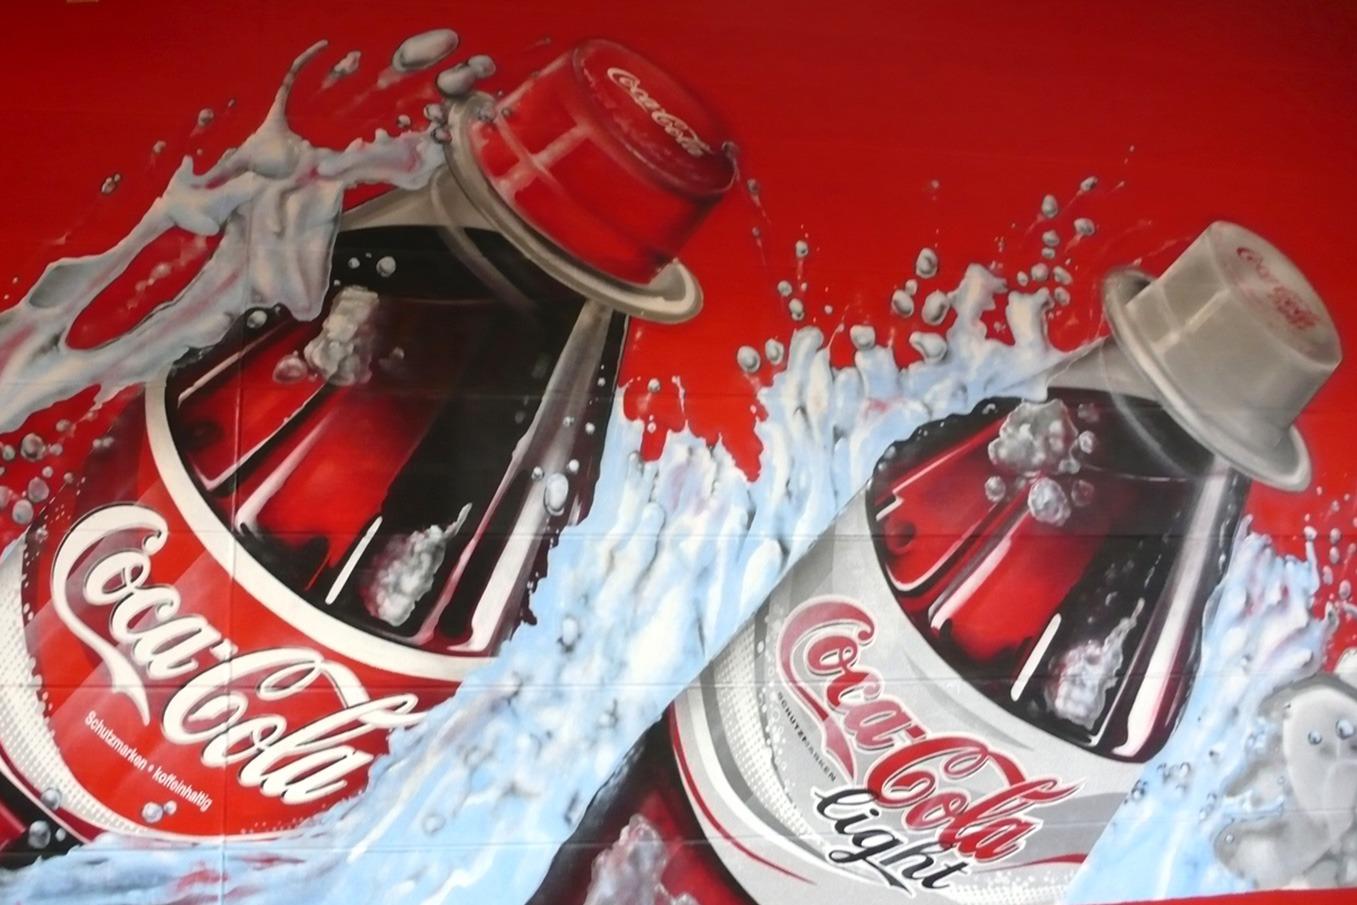 graffitiauftrag-graffitikuenstler-artmos4-coca_cola_2007_handel_wasser_eis_flasche_rot_weiß_fotorealistisch_innen